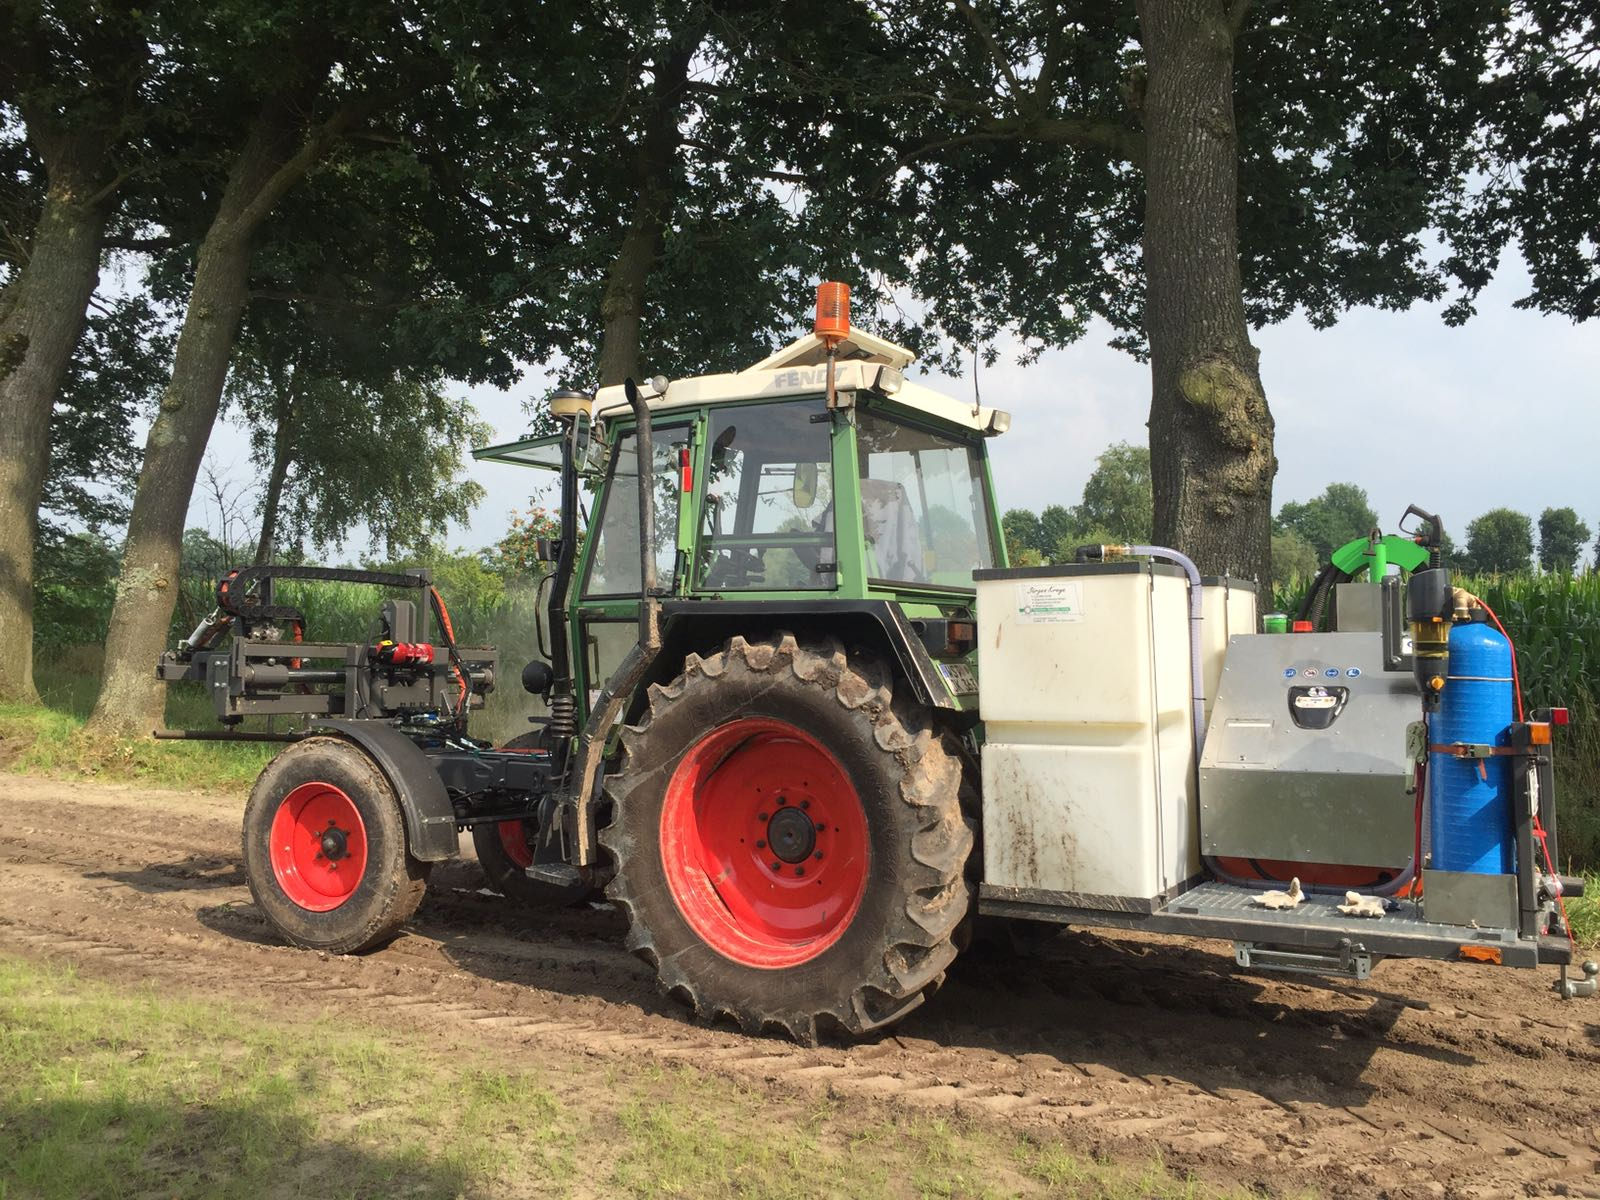 Fahrzeuganbau-Zubehör Wildkrautbekämpfung   Jürgen Kreye